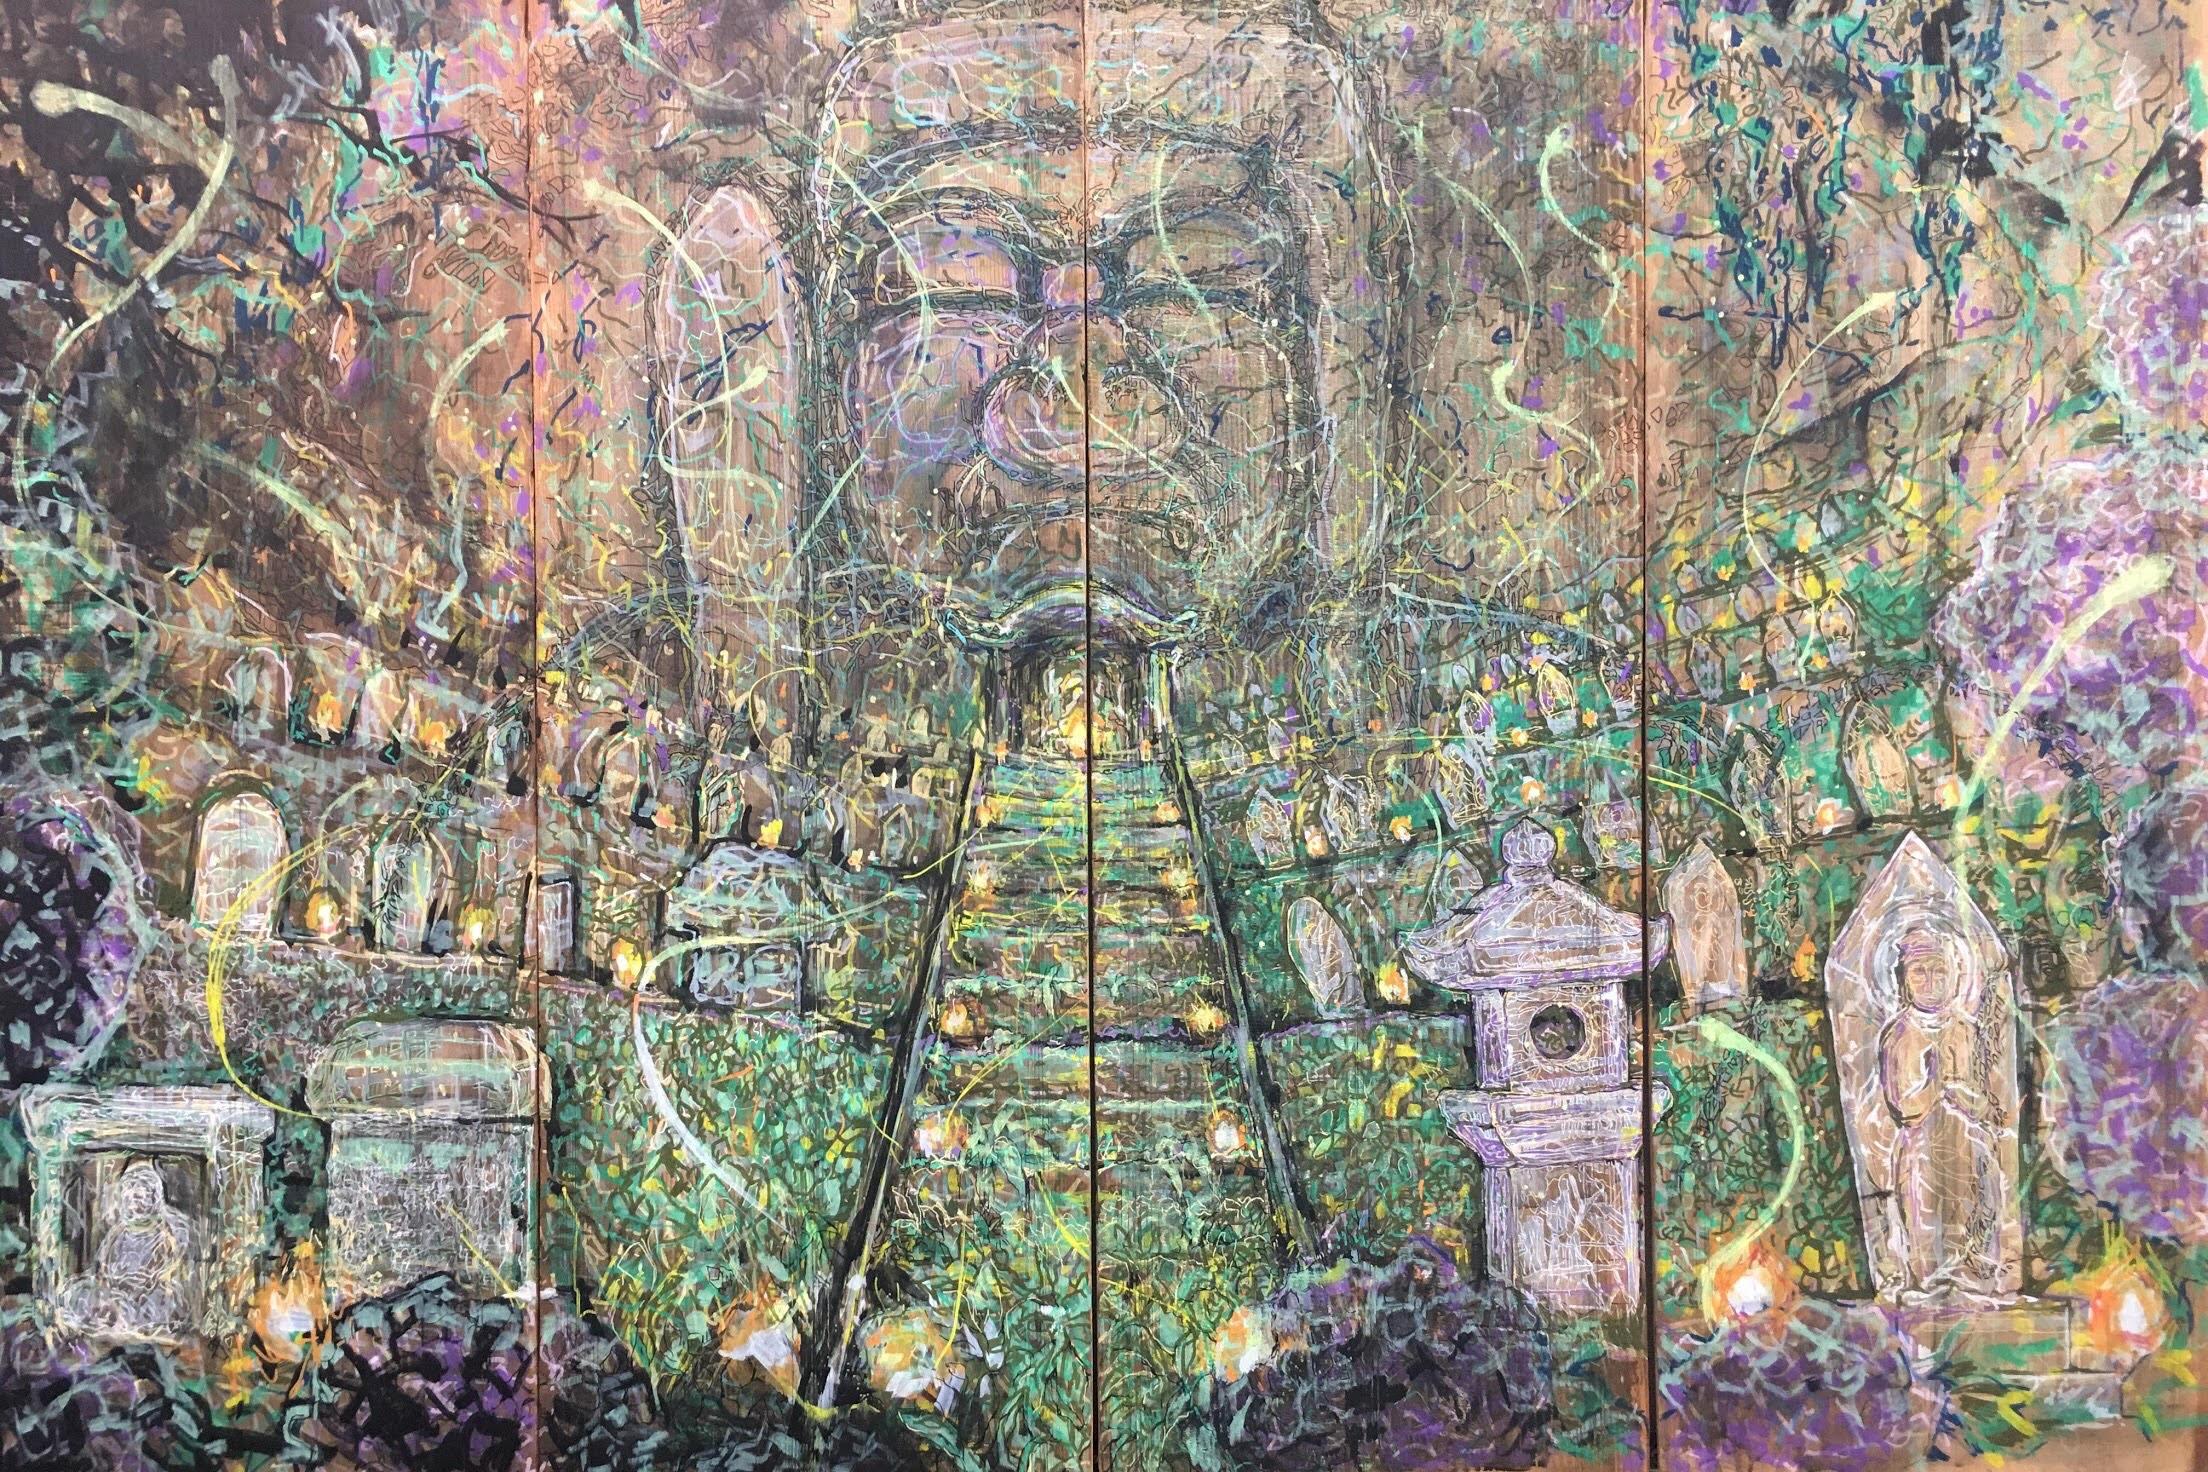 真澄アキヒロの普光寺夜想-あめのゆらゆら-の作品写真